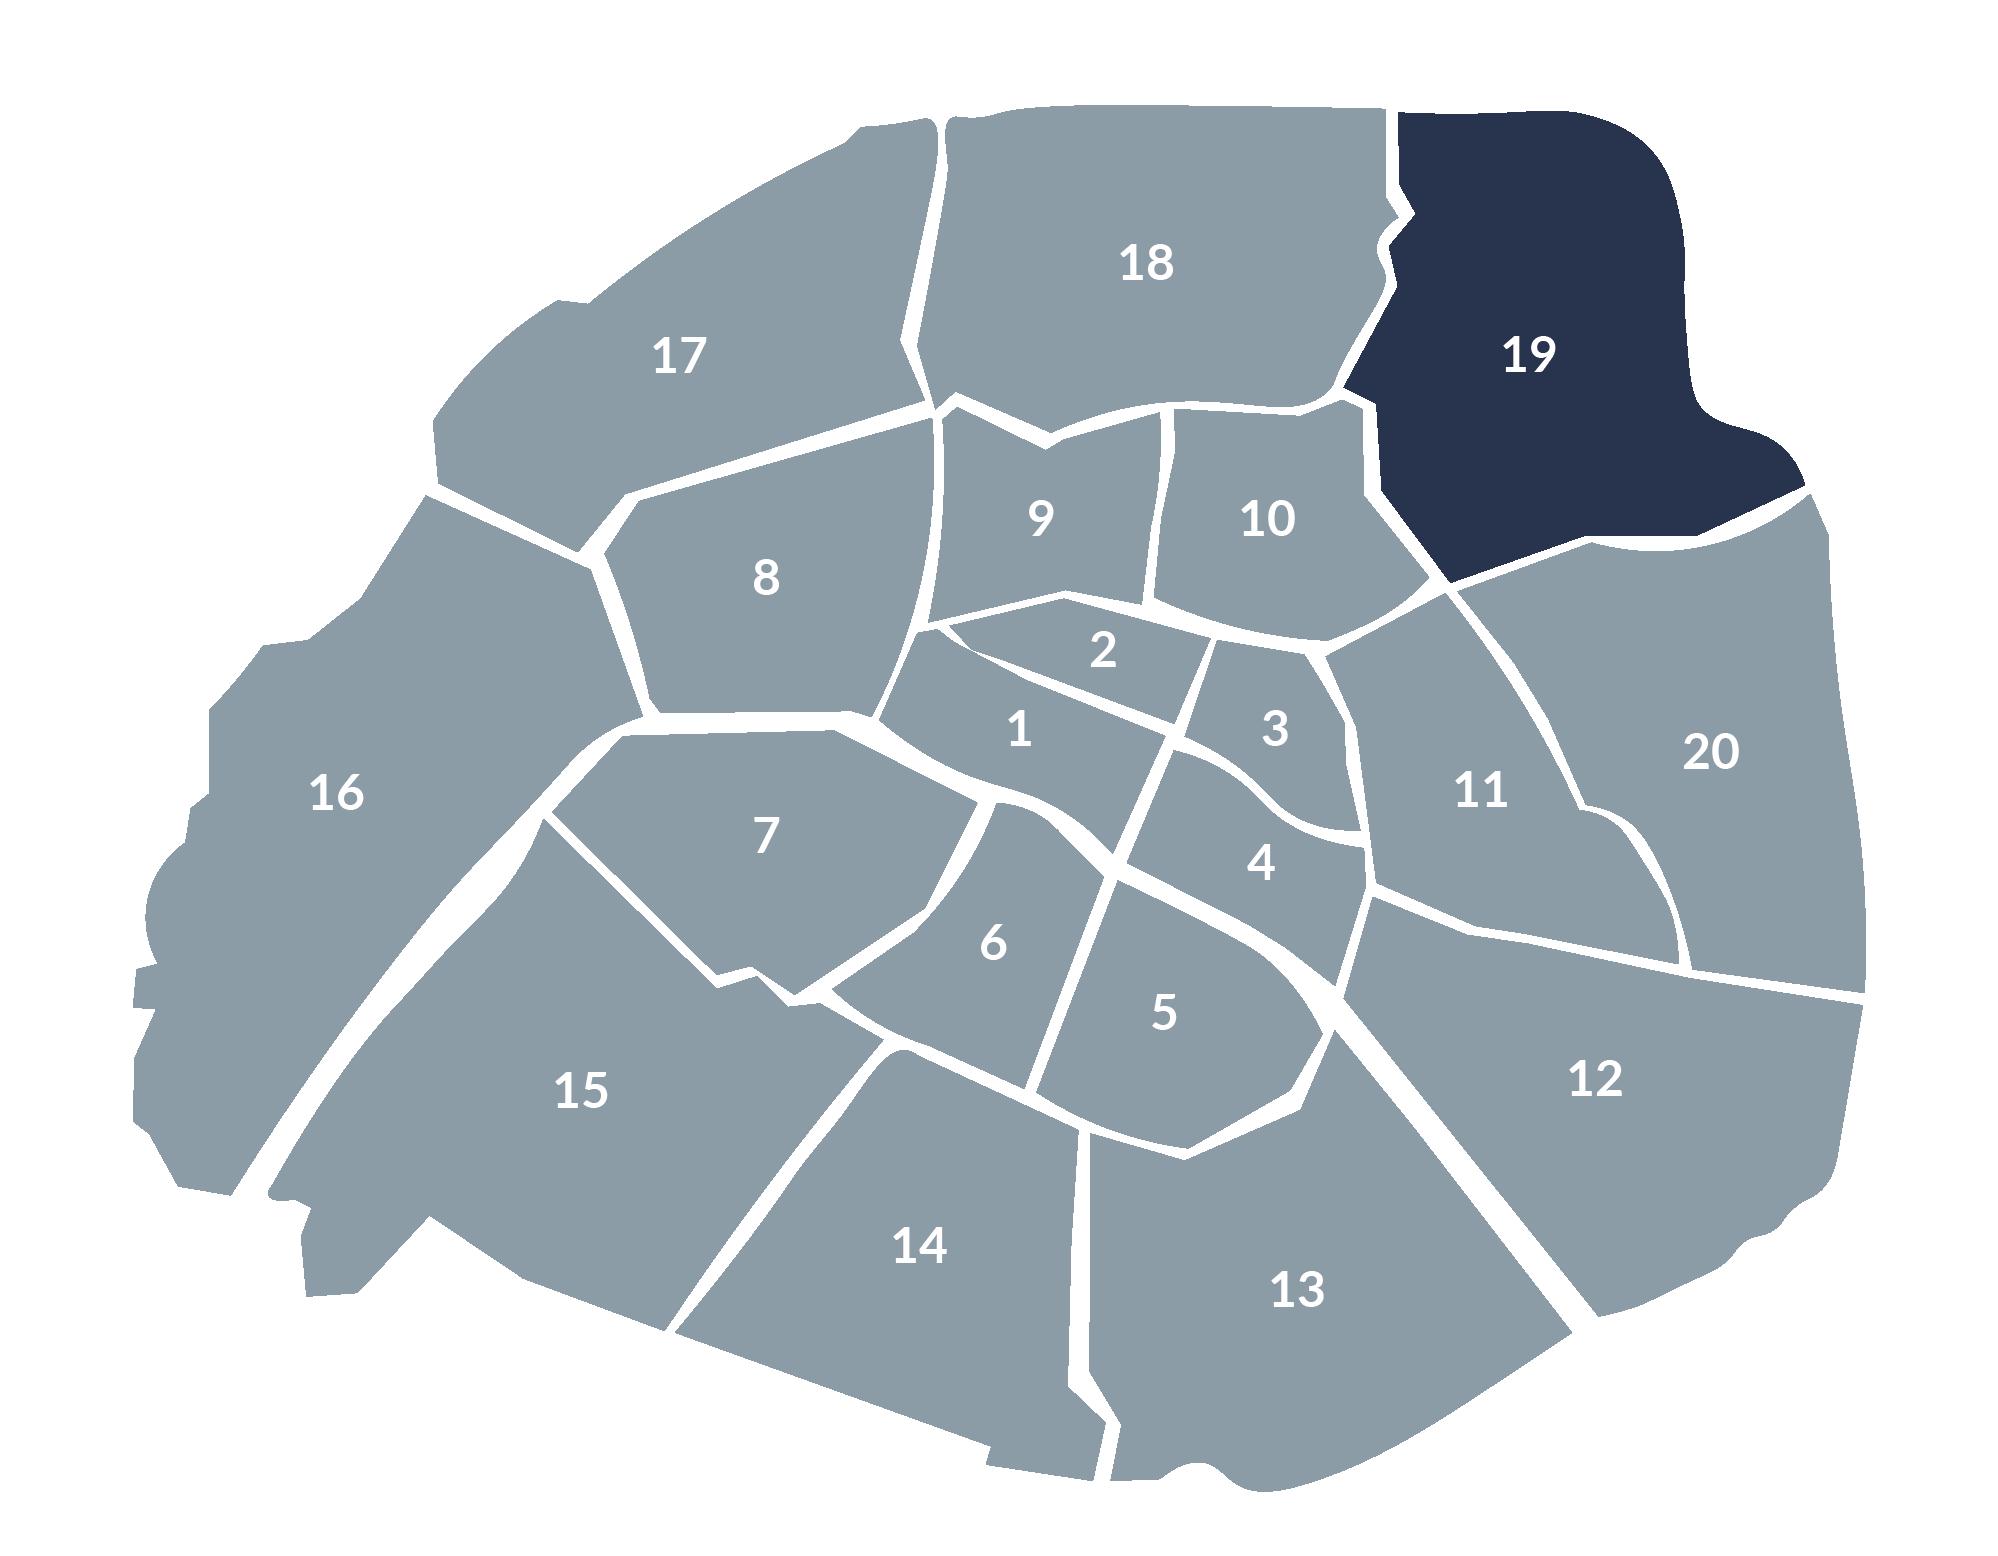 carte paris 19e arrondissement